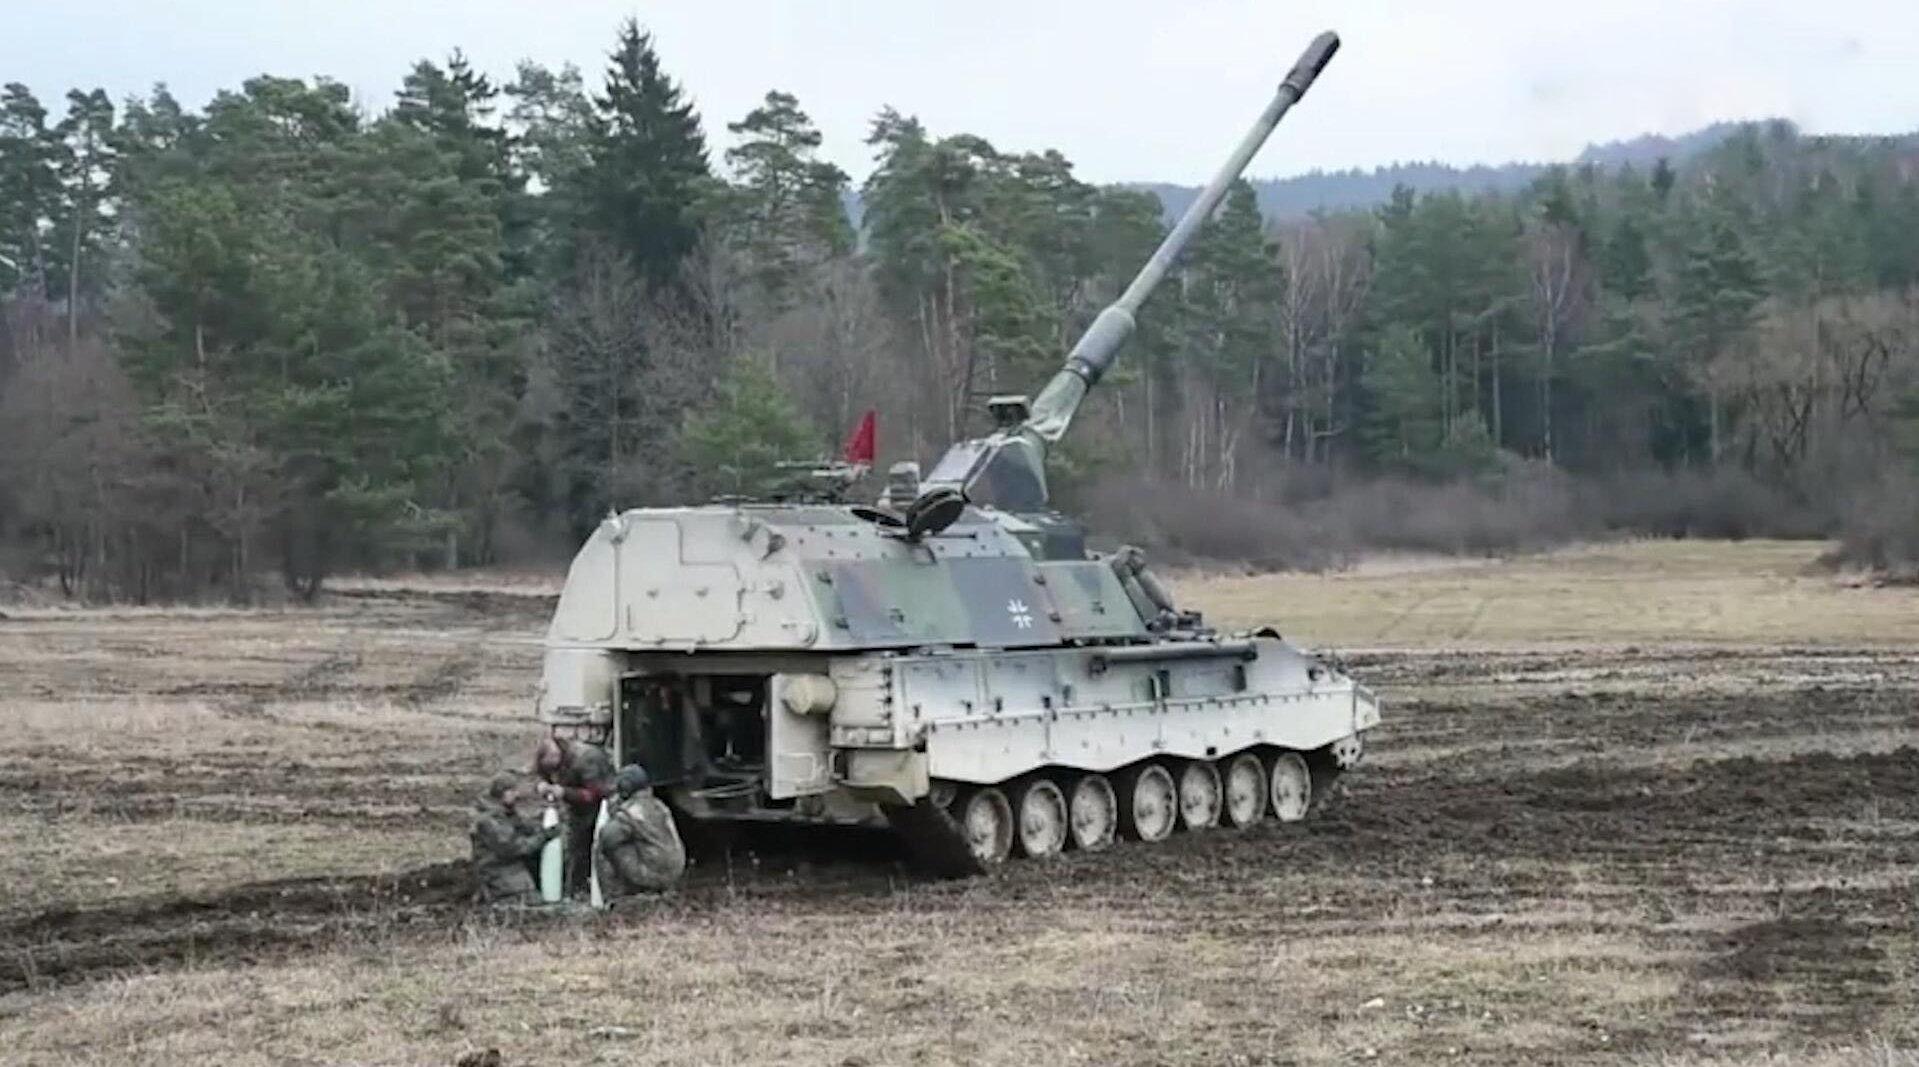 德国陆军PZH2000自行榴弹炮,全球备受青睐的先进火炮之一!